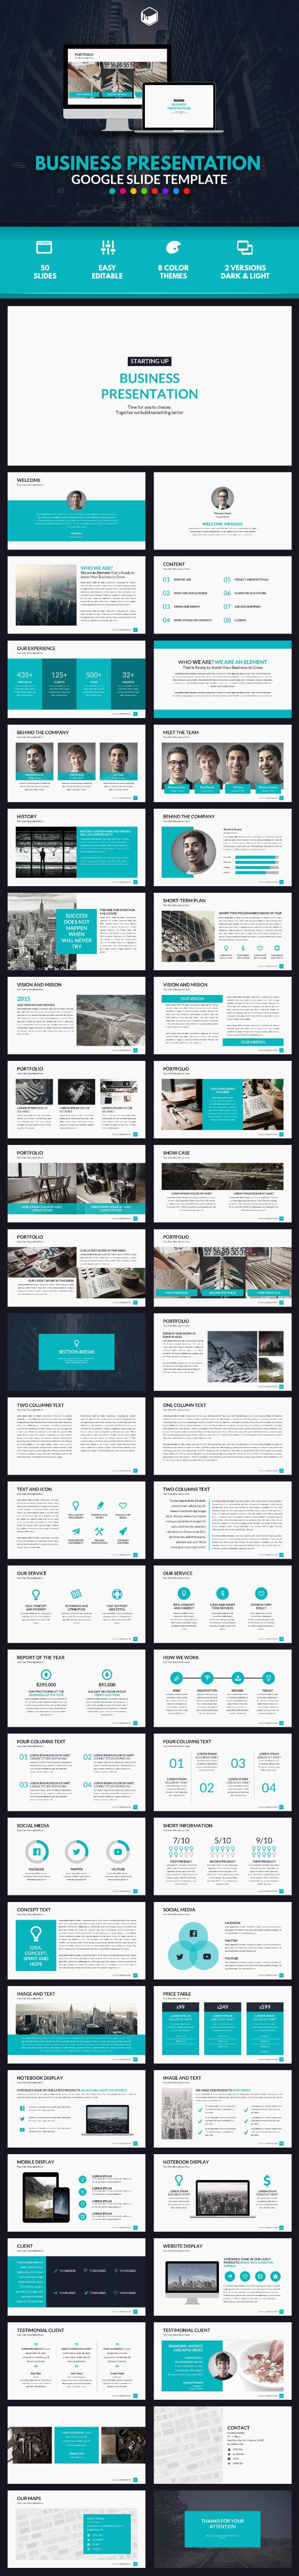 Business Presentation Google Slides Template #design Download: http ...